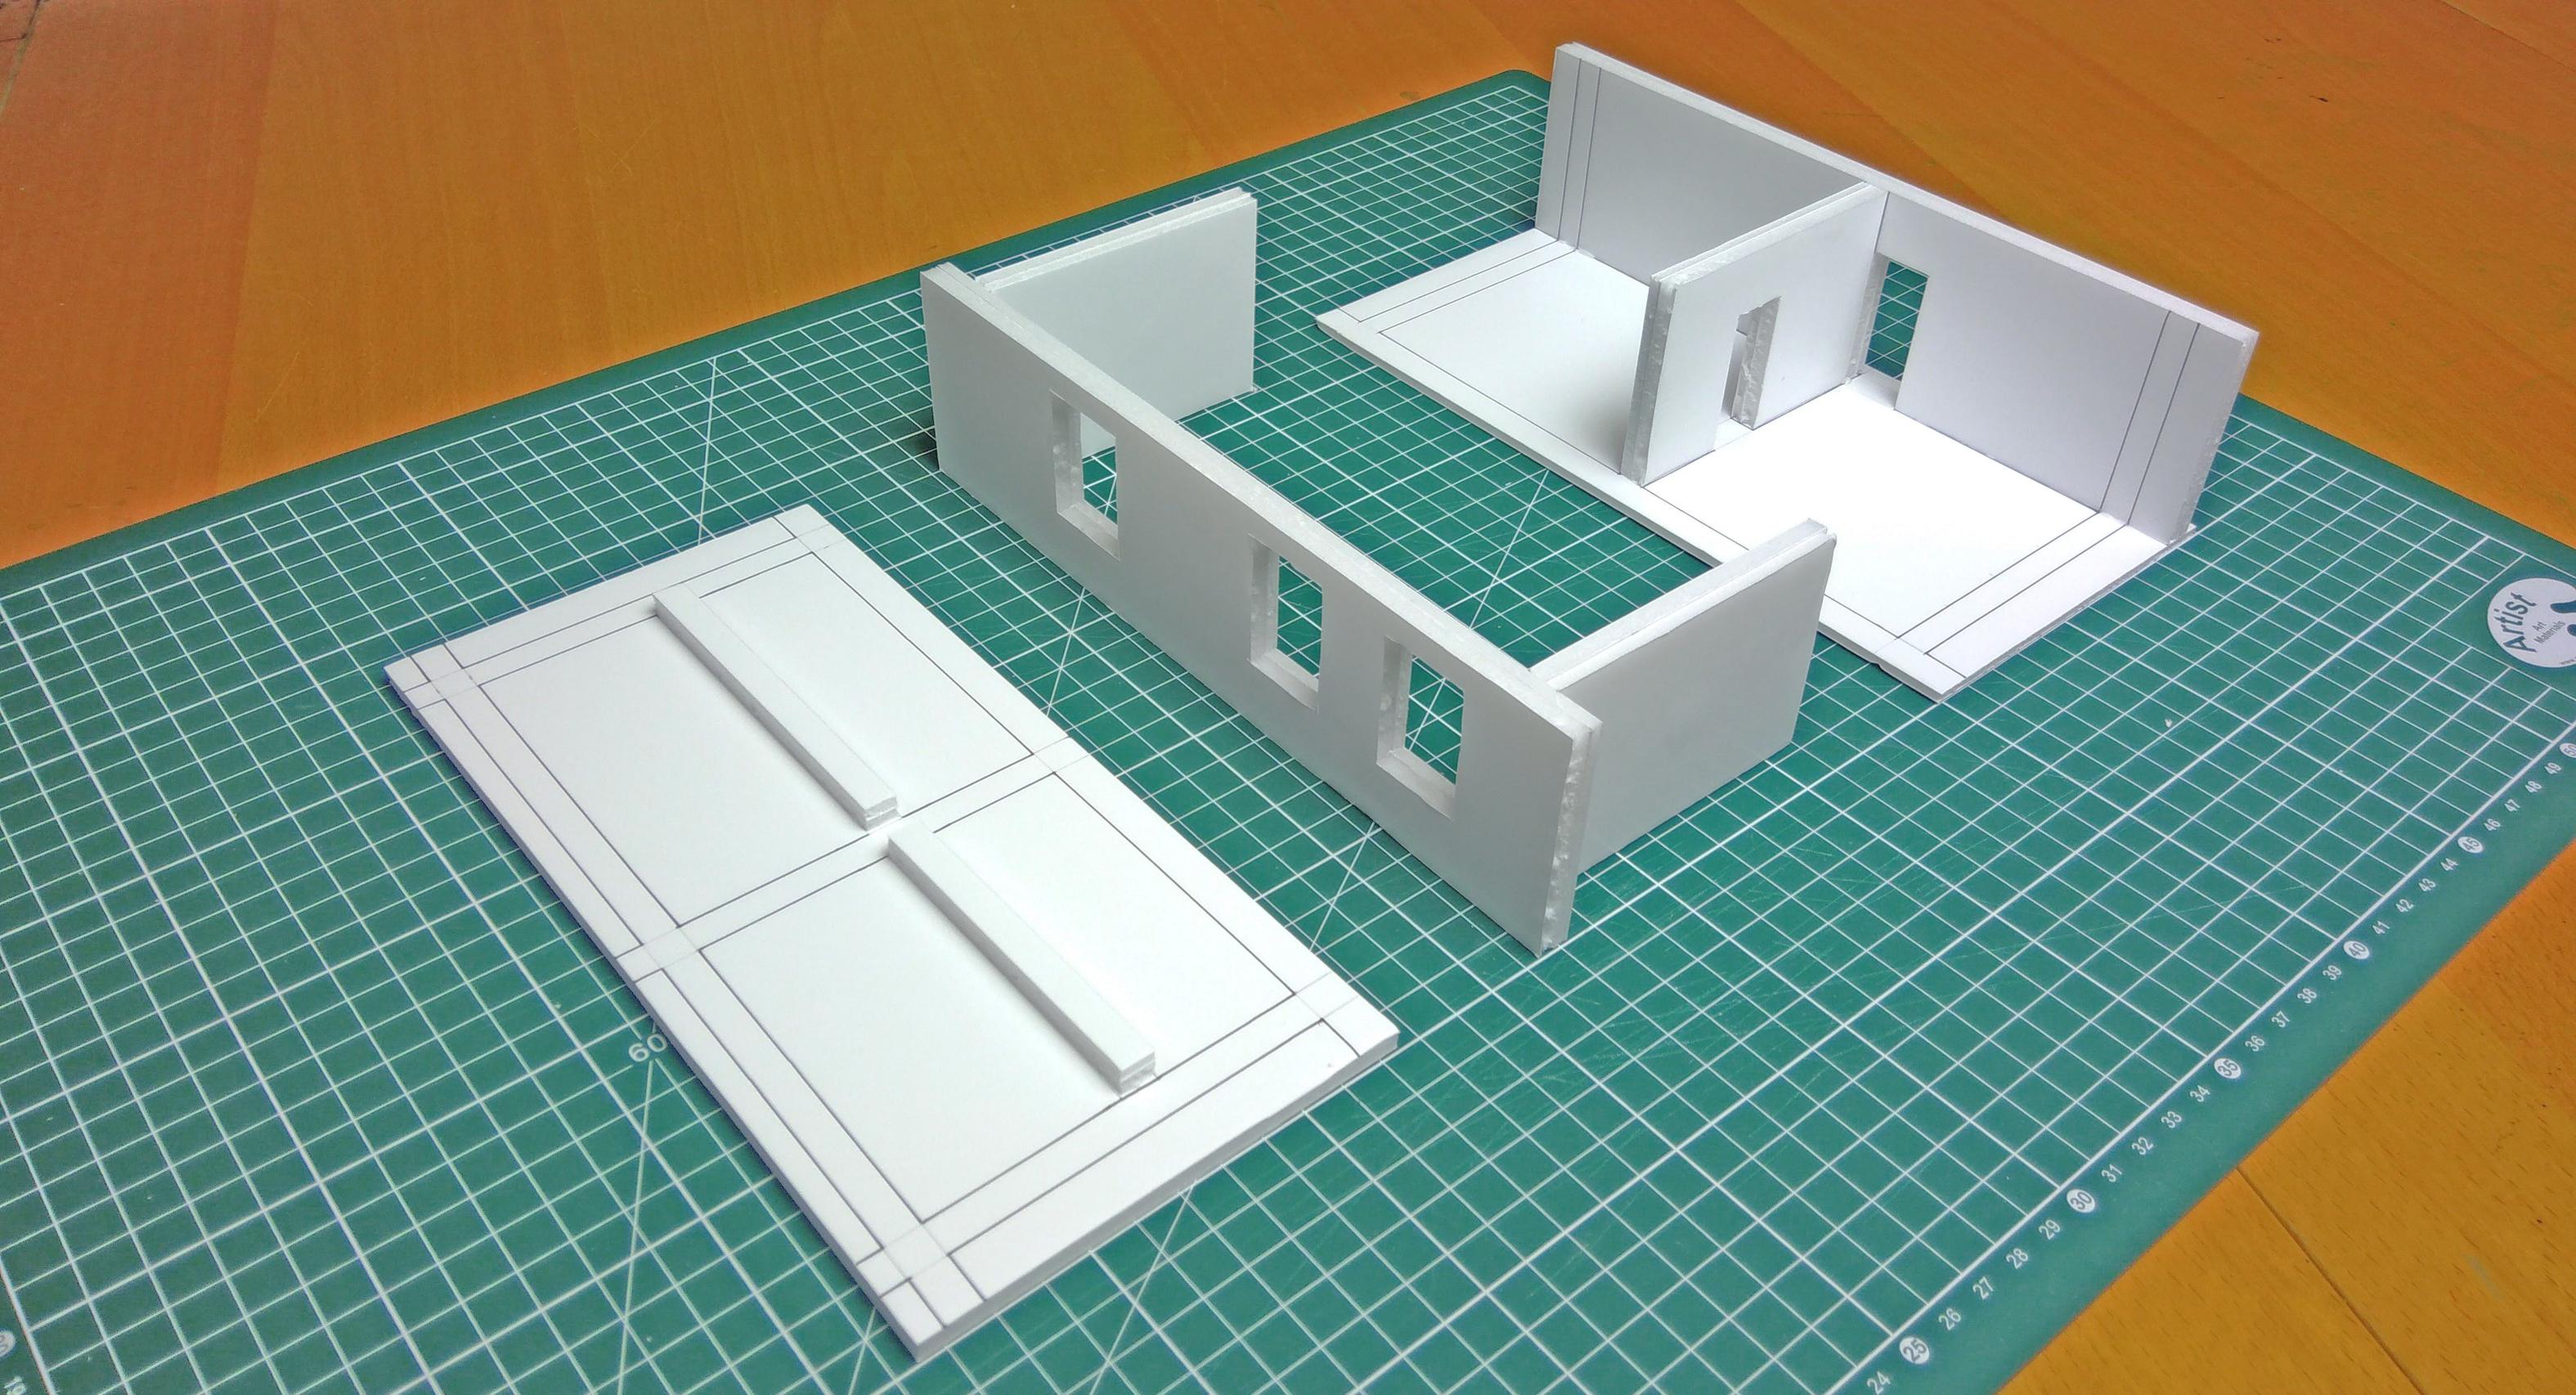 Maquette de l'appartement assemblée en trois parties distinctes